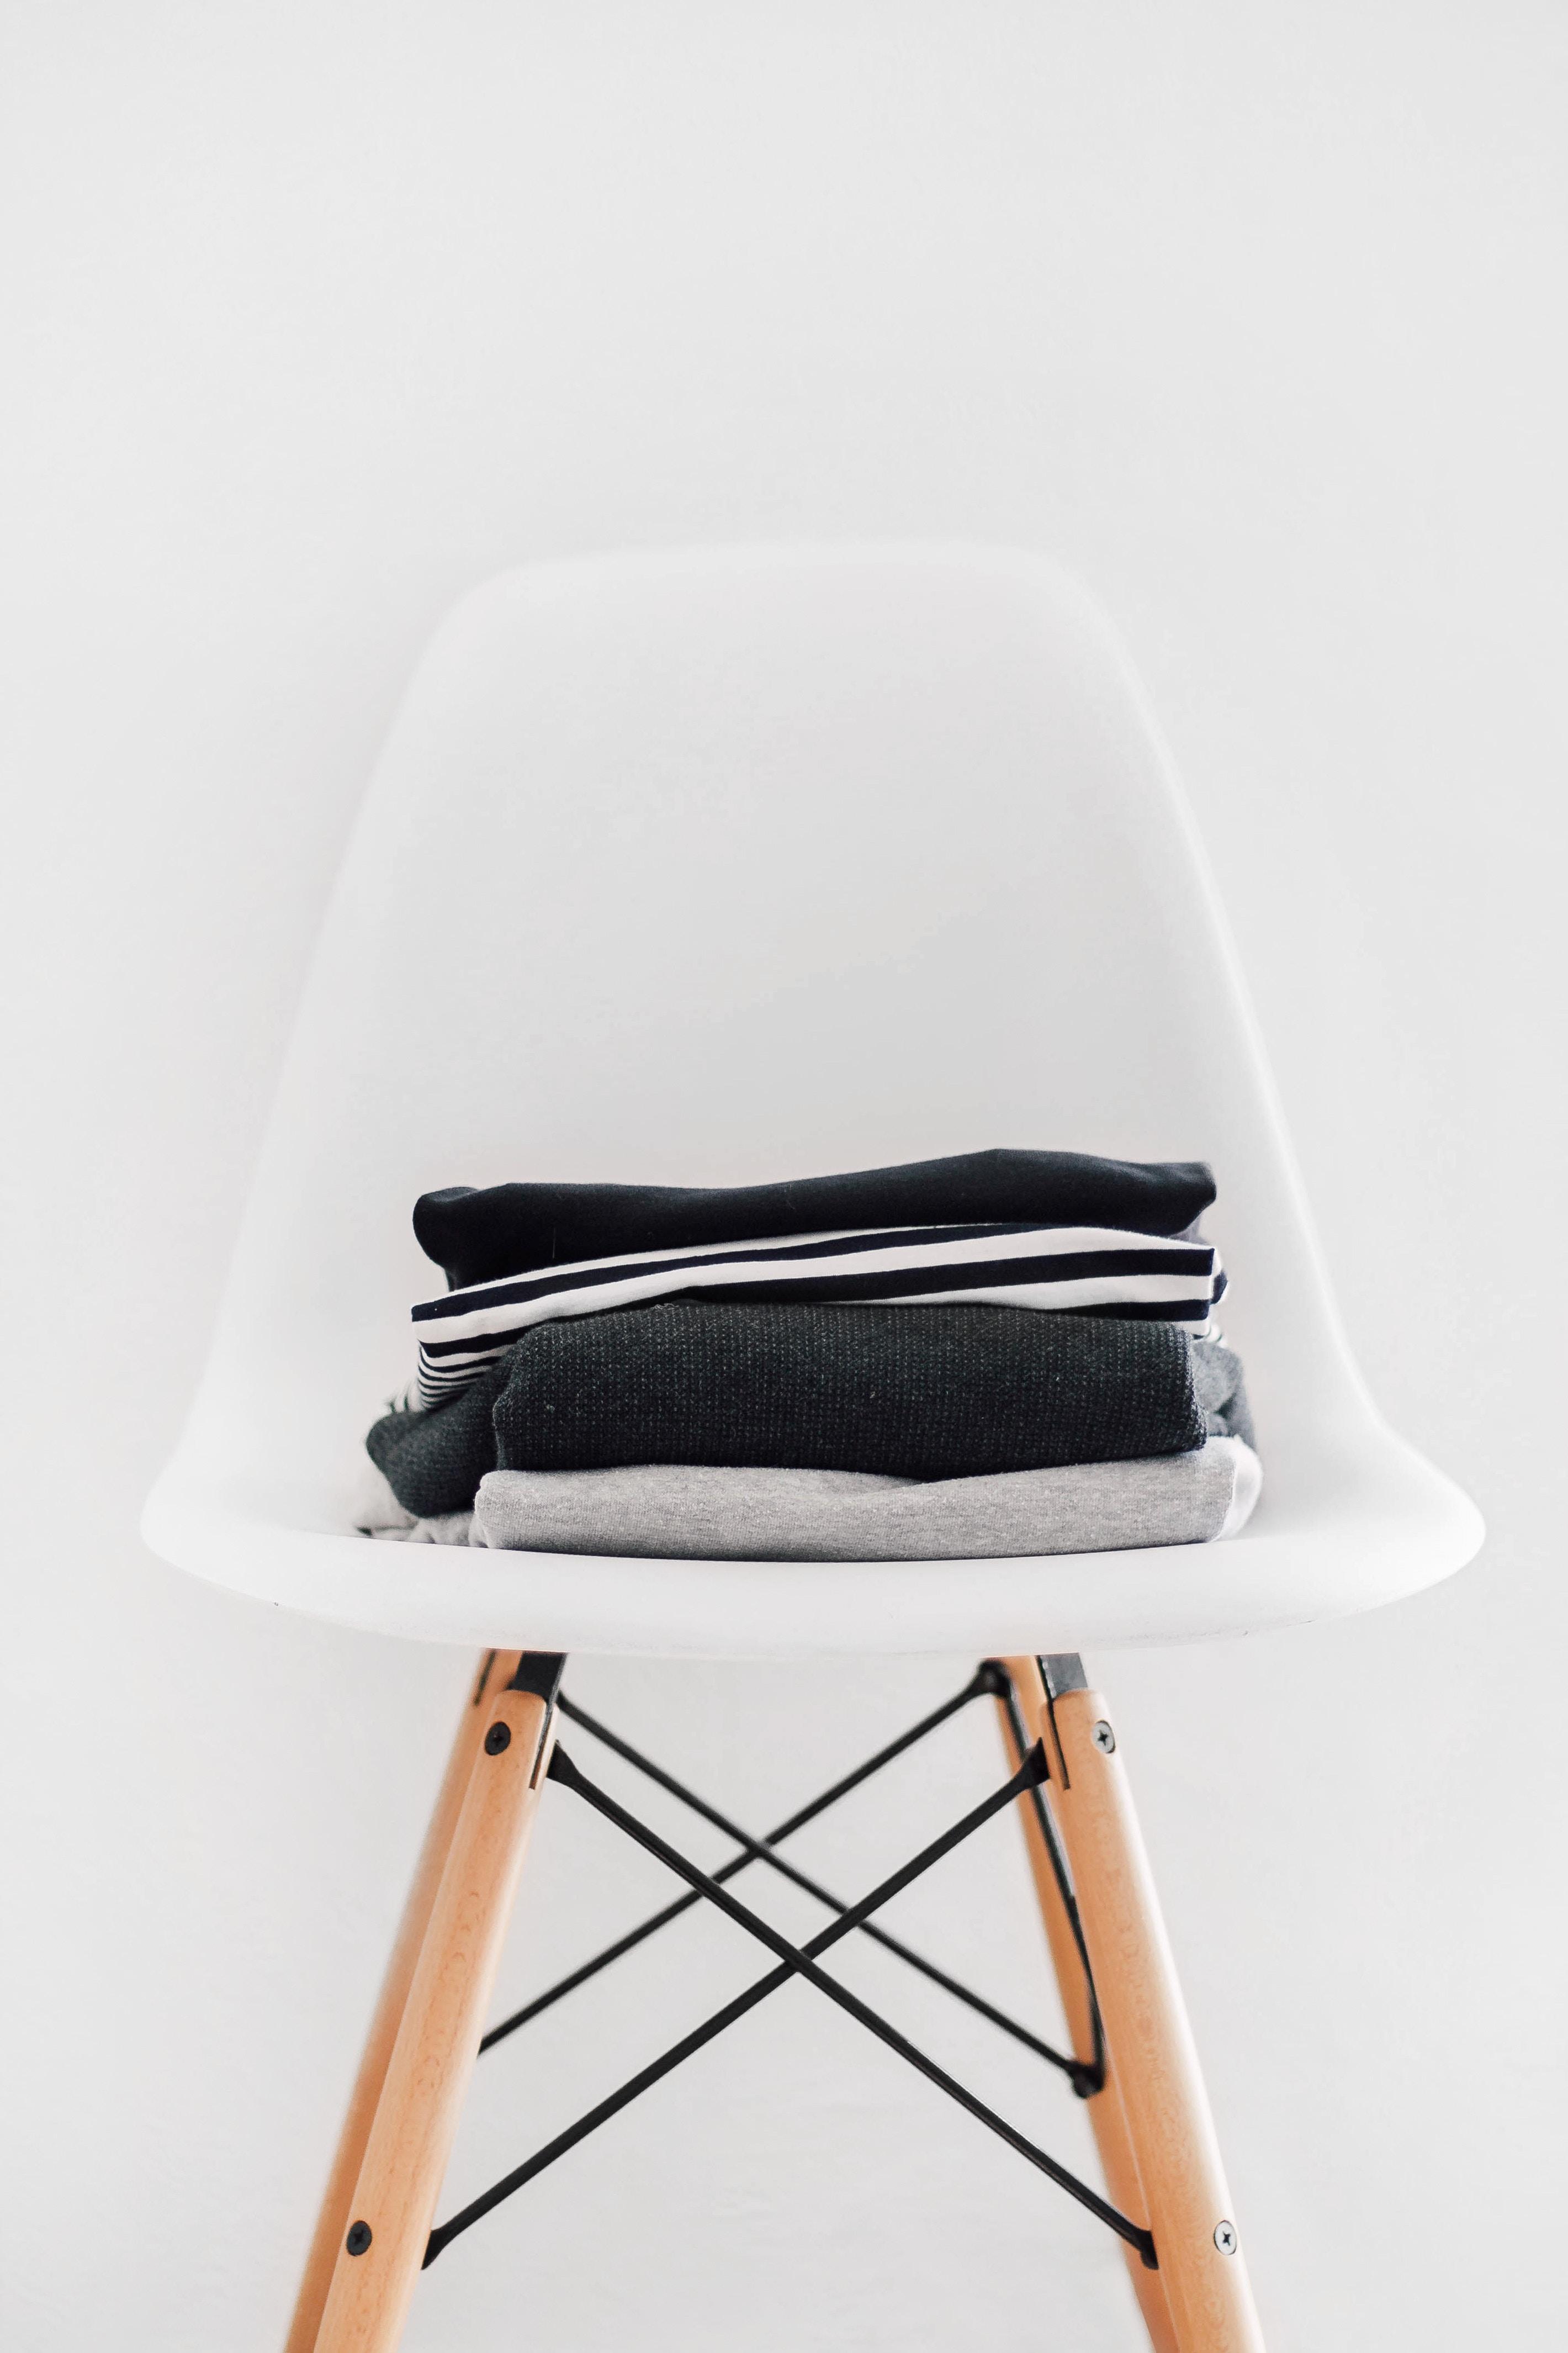 gấp quần áo để trên ghế